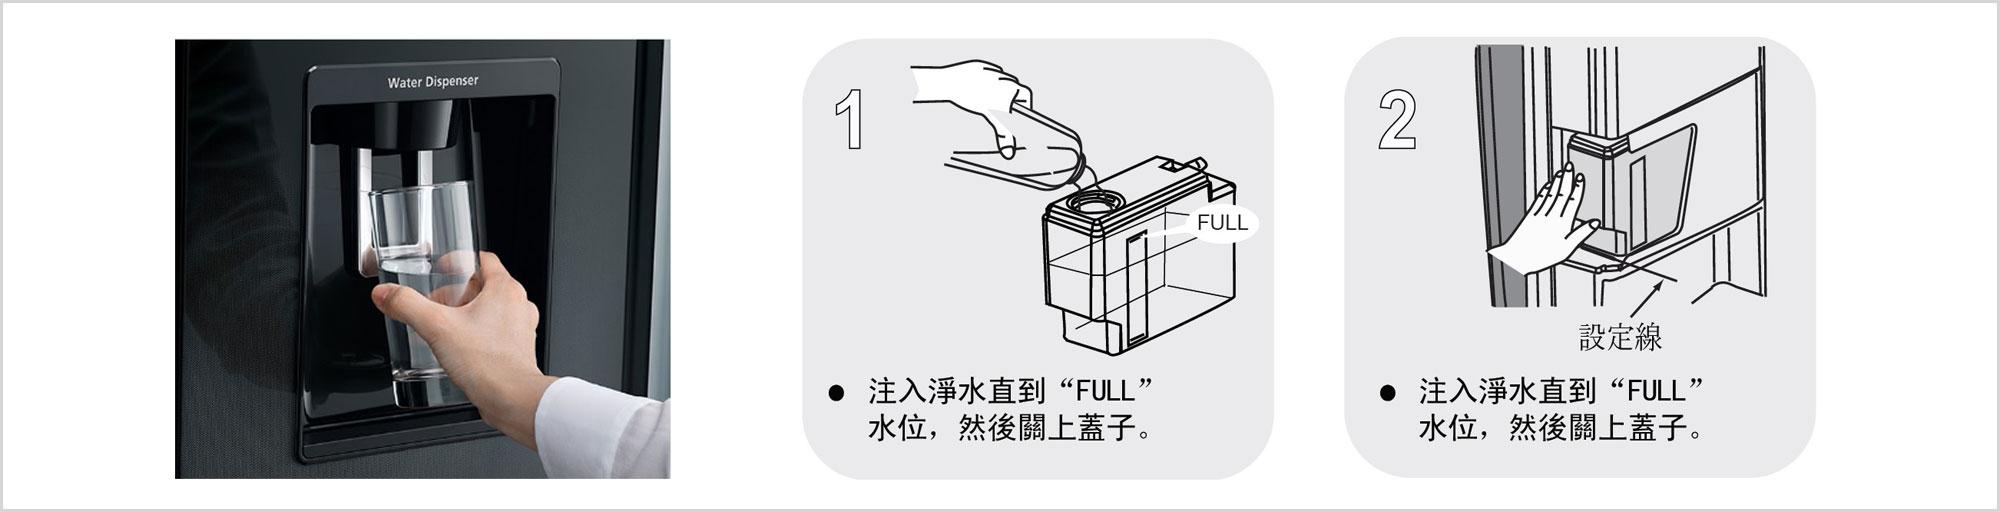 門外取水冰水機 (安心免配管 開水壺供水方式)